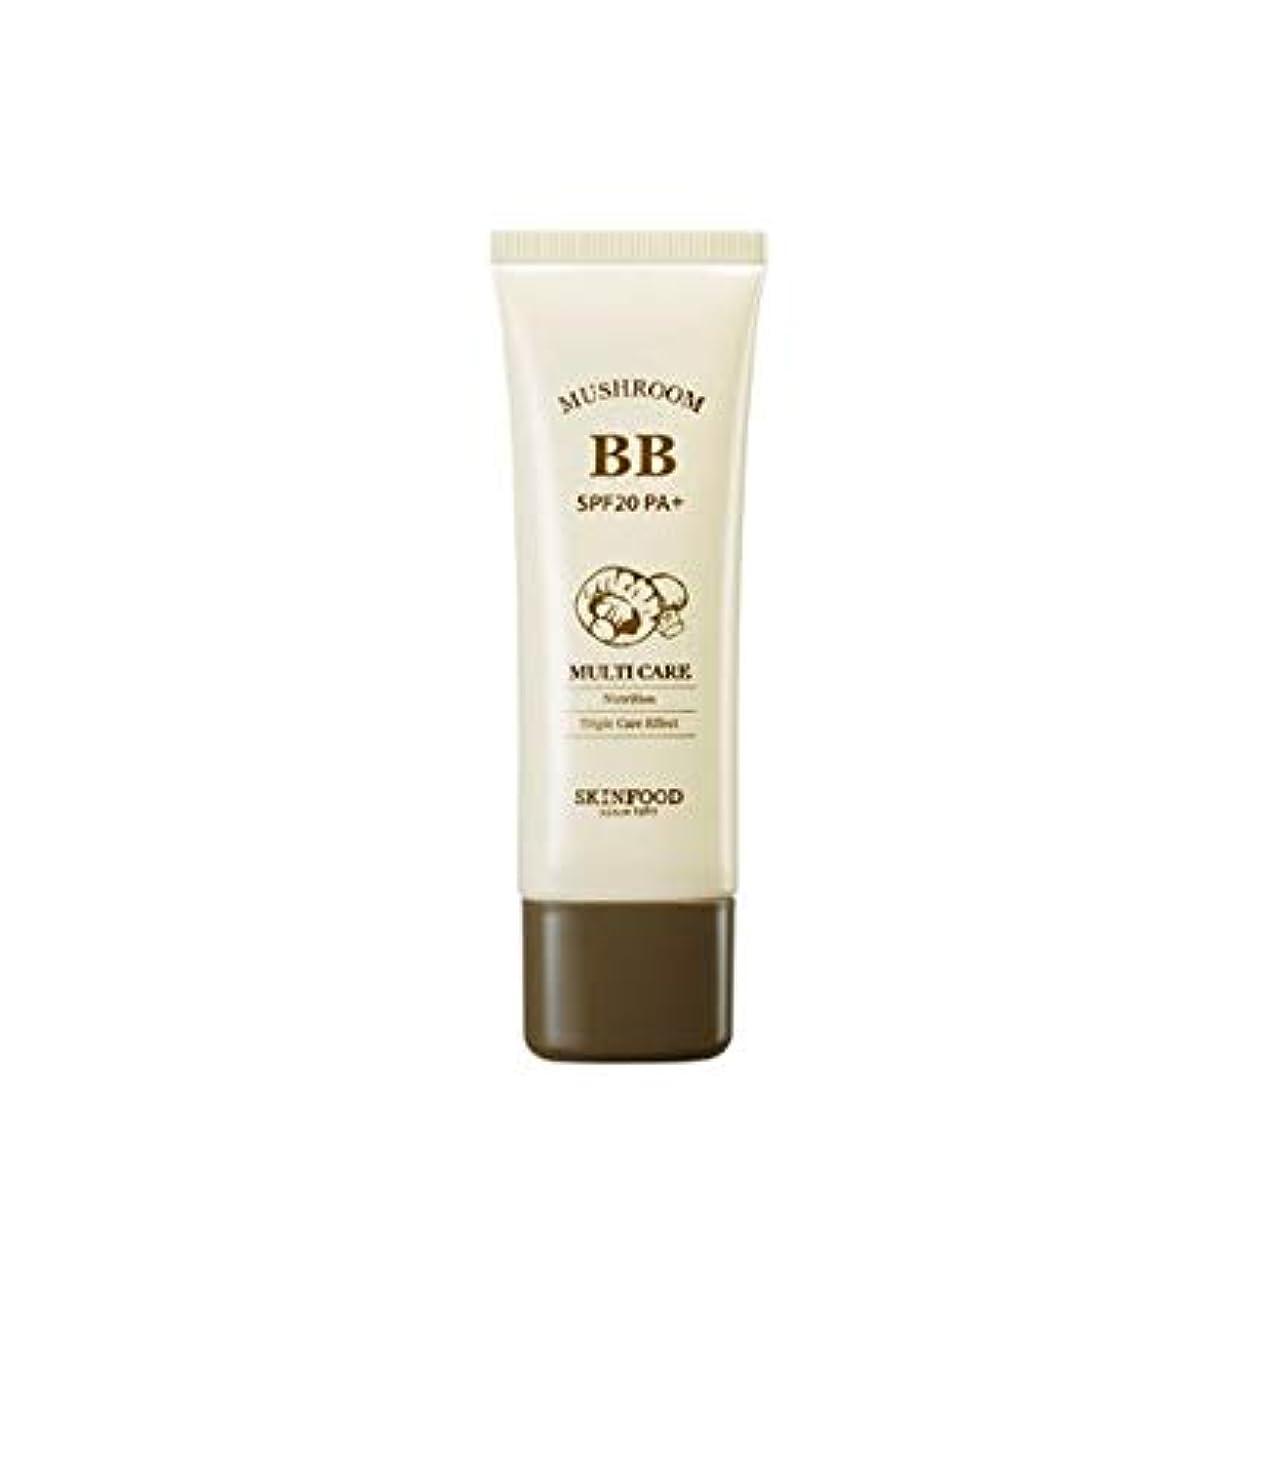 ペダル基礎宗教Skinfood マッシュルームマルチケアBBクリームSPF20 PA +#No. 1ブライトスキン / Mushroom Multi Care BB Cream SPF20 PA+# No. 1 Bright Skin...